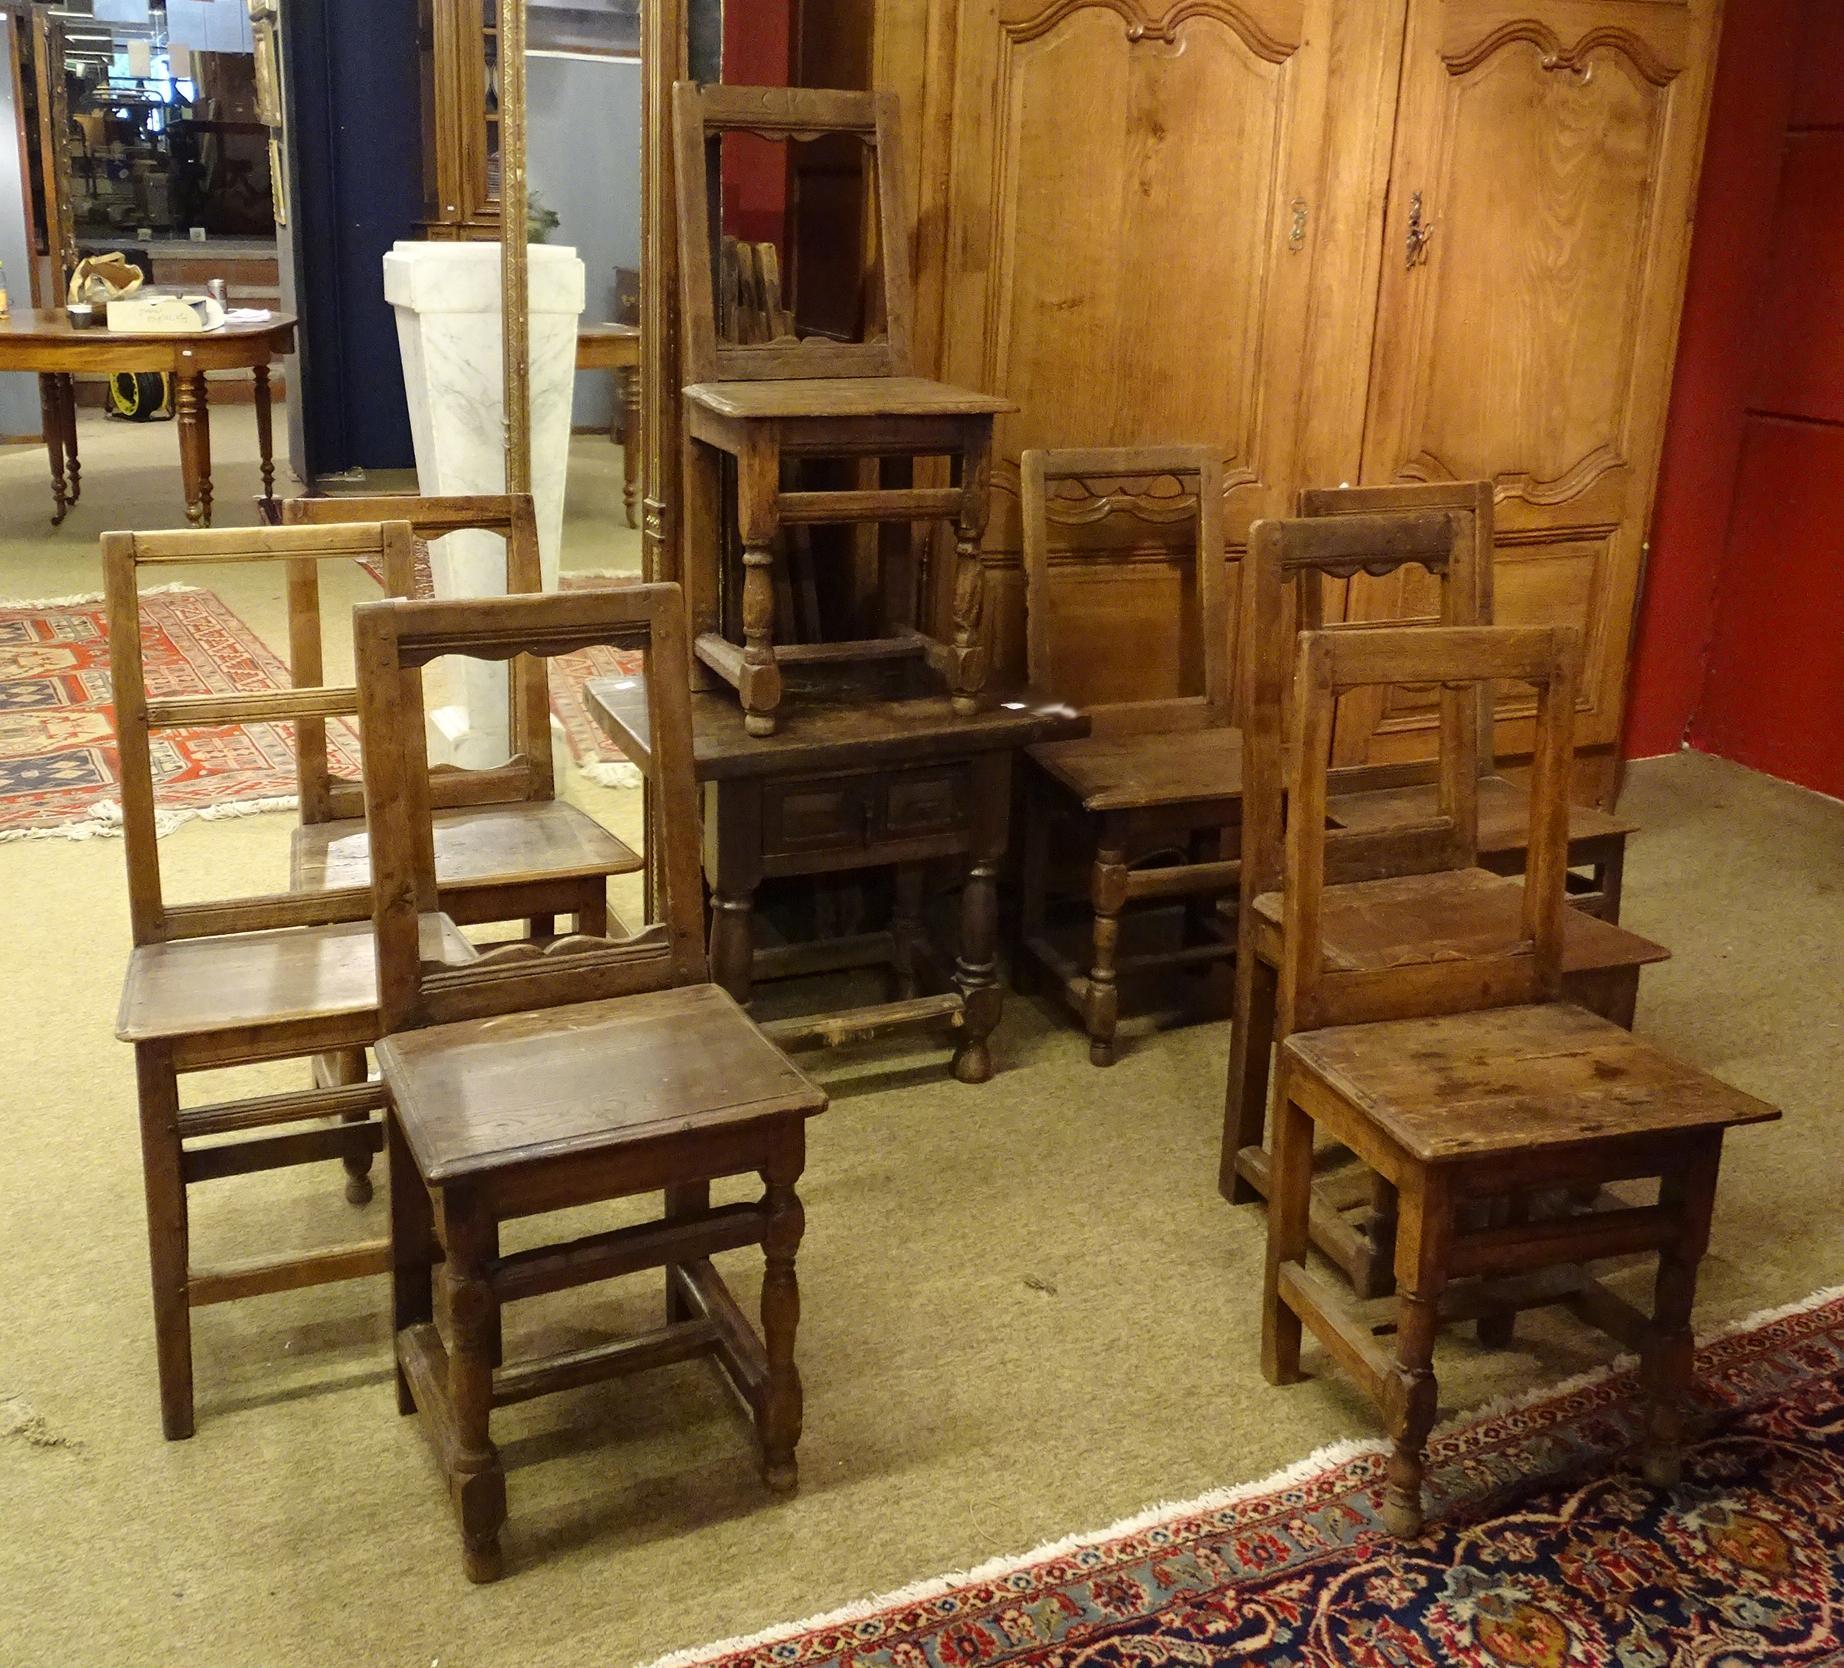 meuble chaises lorraine 18 s 6 2 table d 39 appoint de style espagnol l ments anciens 1. Black Bedroom Furniture Sets. Home Design Ideas